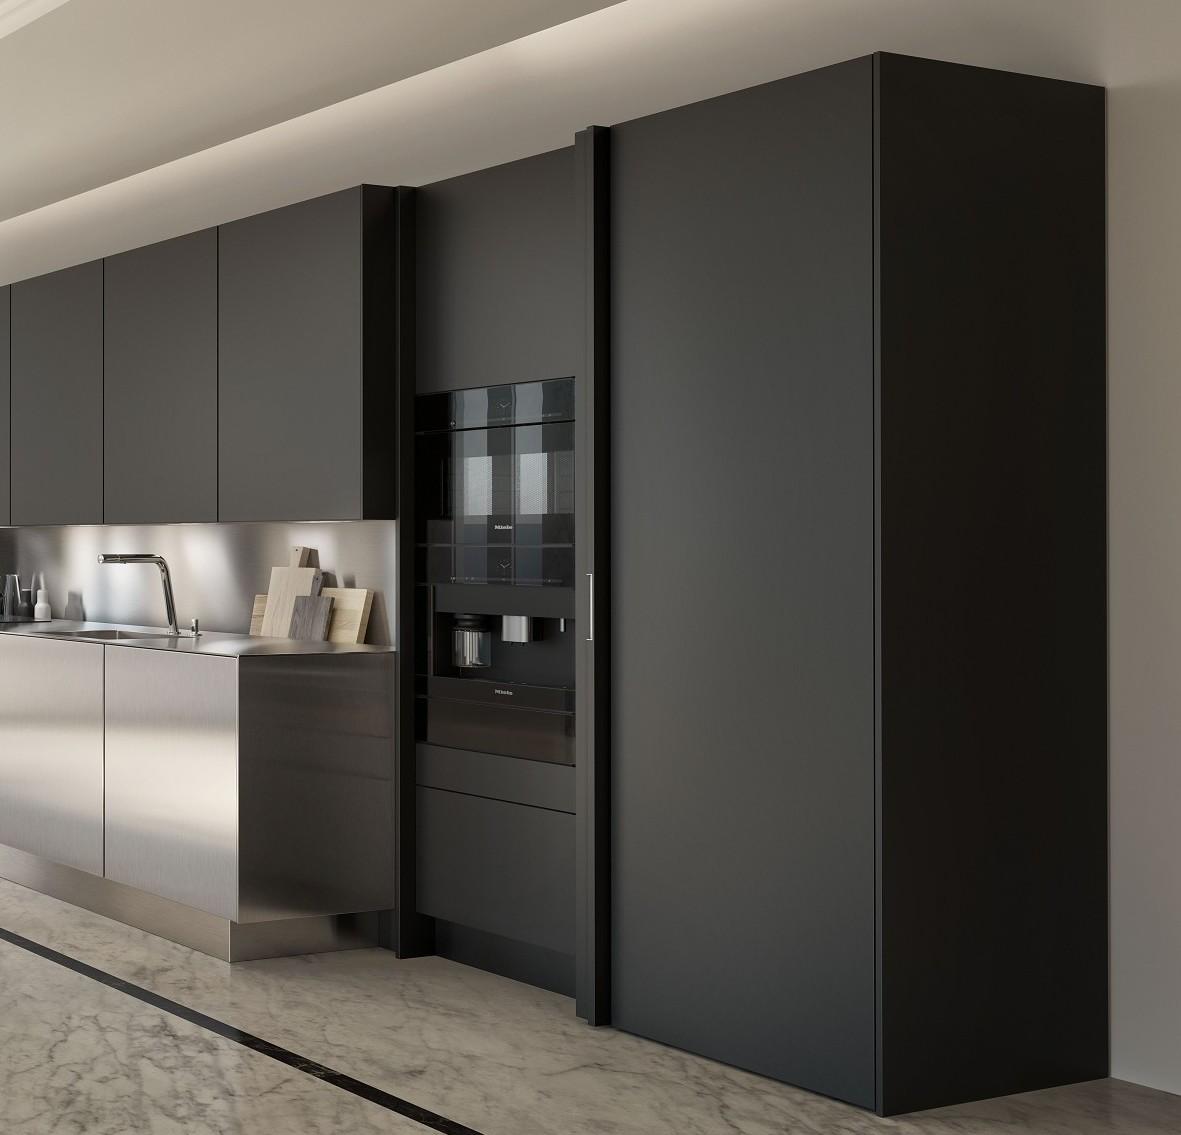 Les appareils électriques et ustensils de cuisine peuvent être dissimulés grâce aux cabinets latéraux escamotables SieMatic.